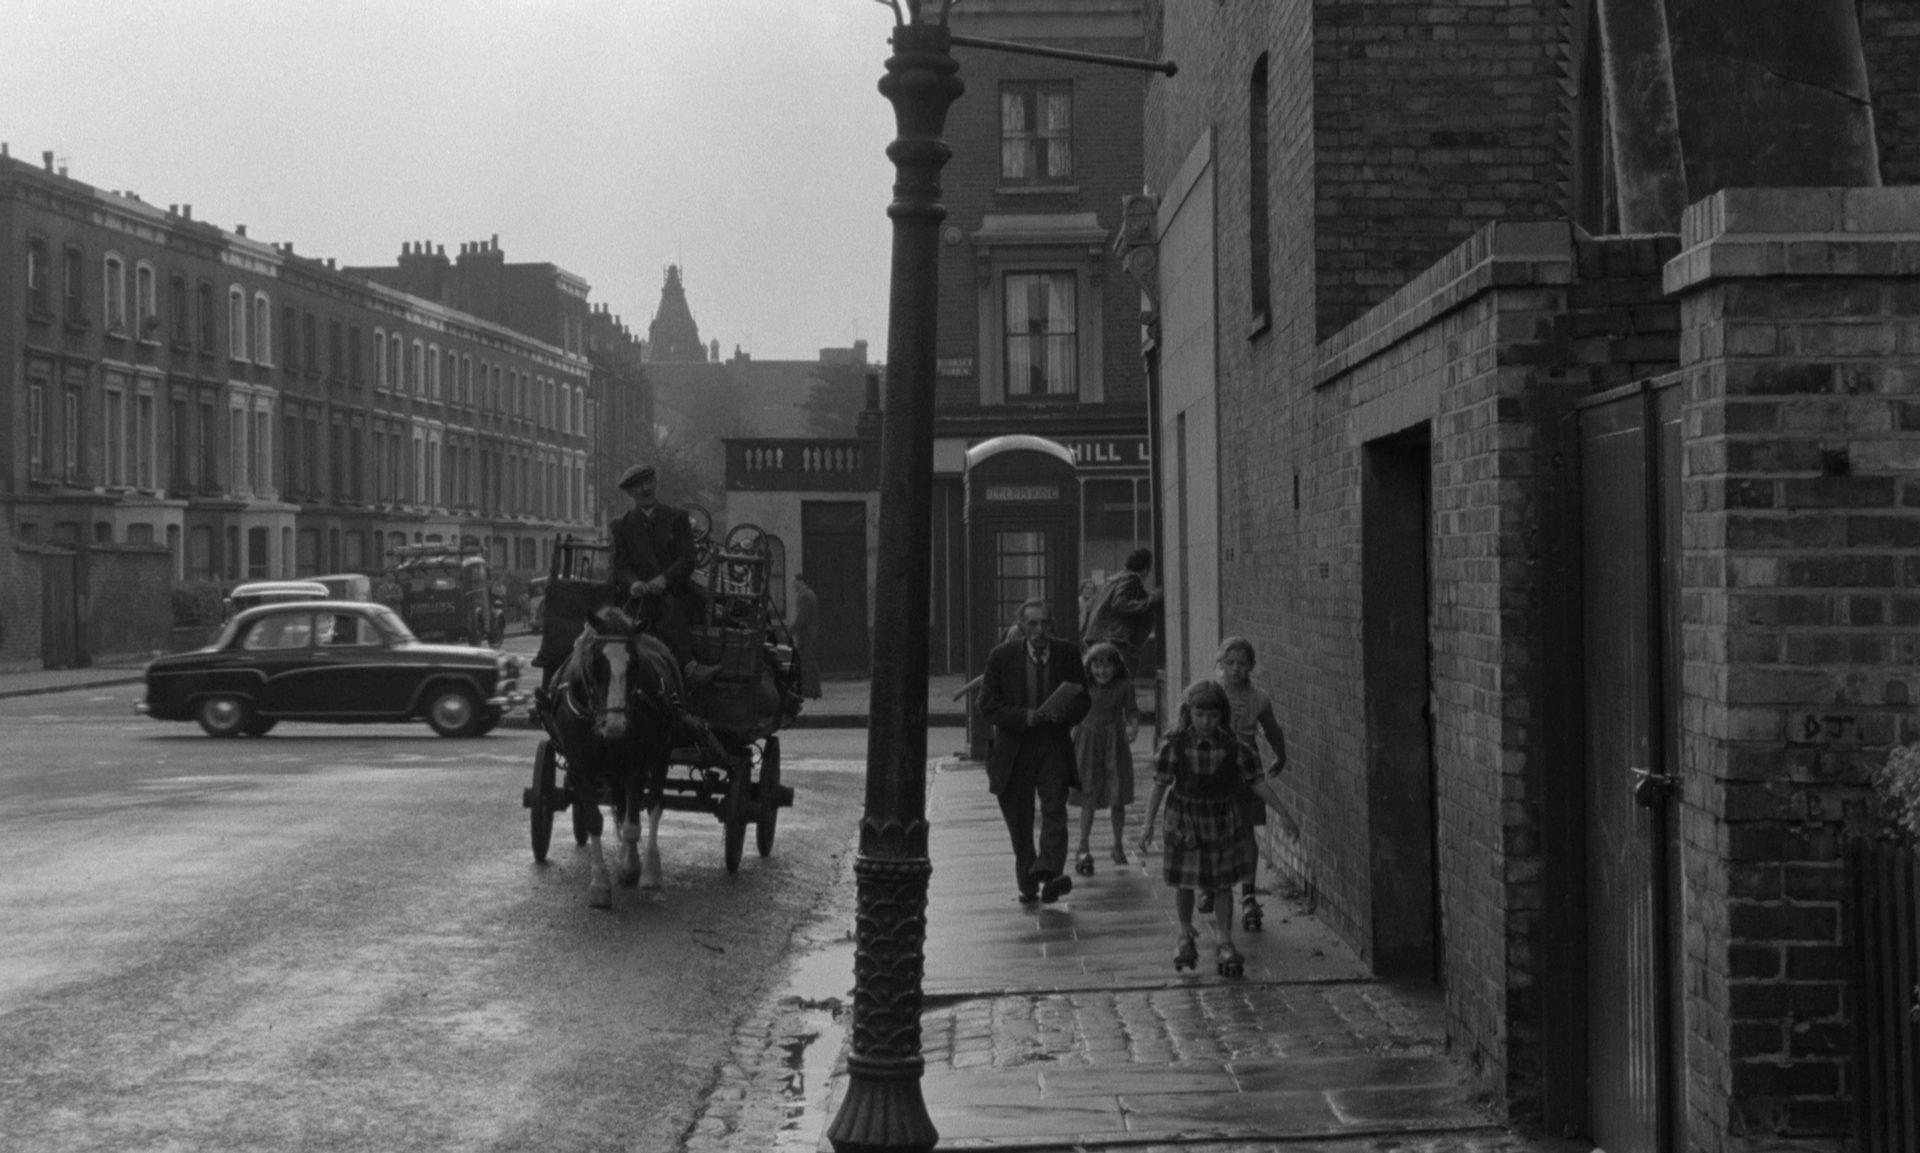 Blick in eine Straße, auf der neben einem Auto auch ein Pferdewagen unterwegs ist.